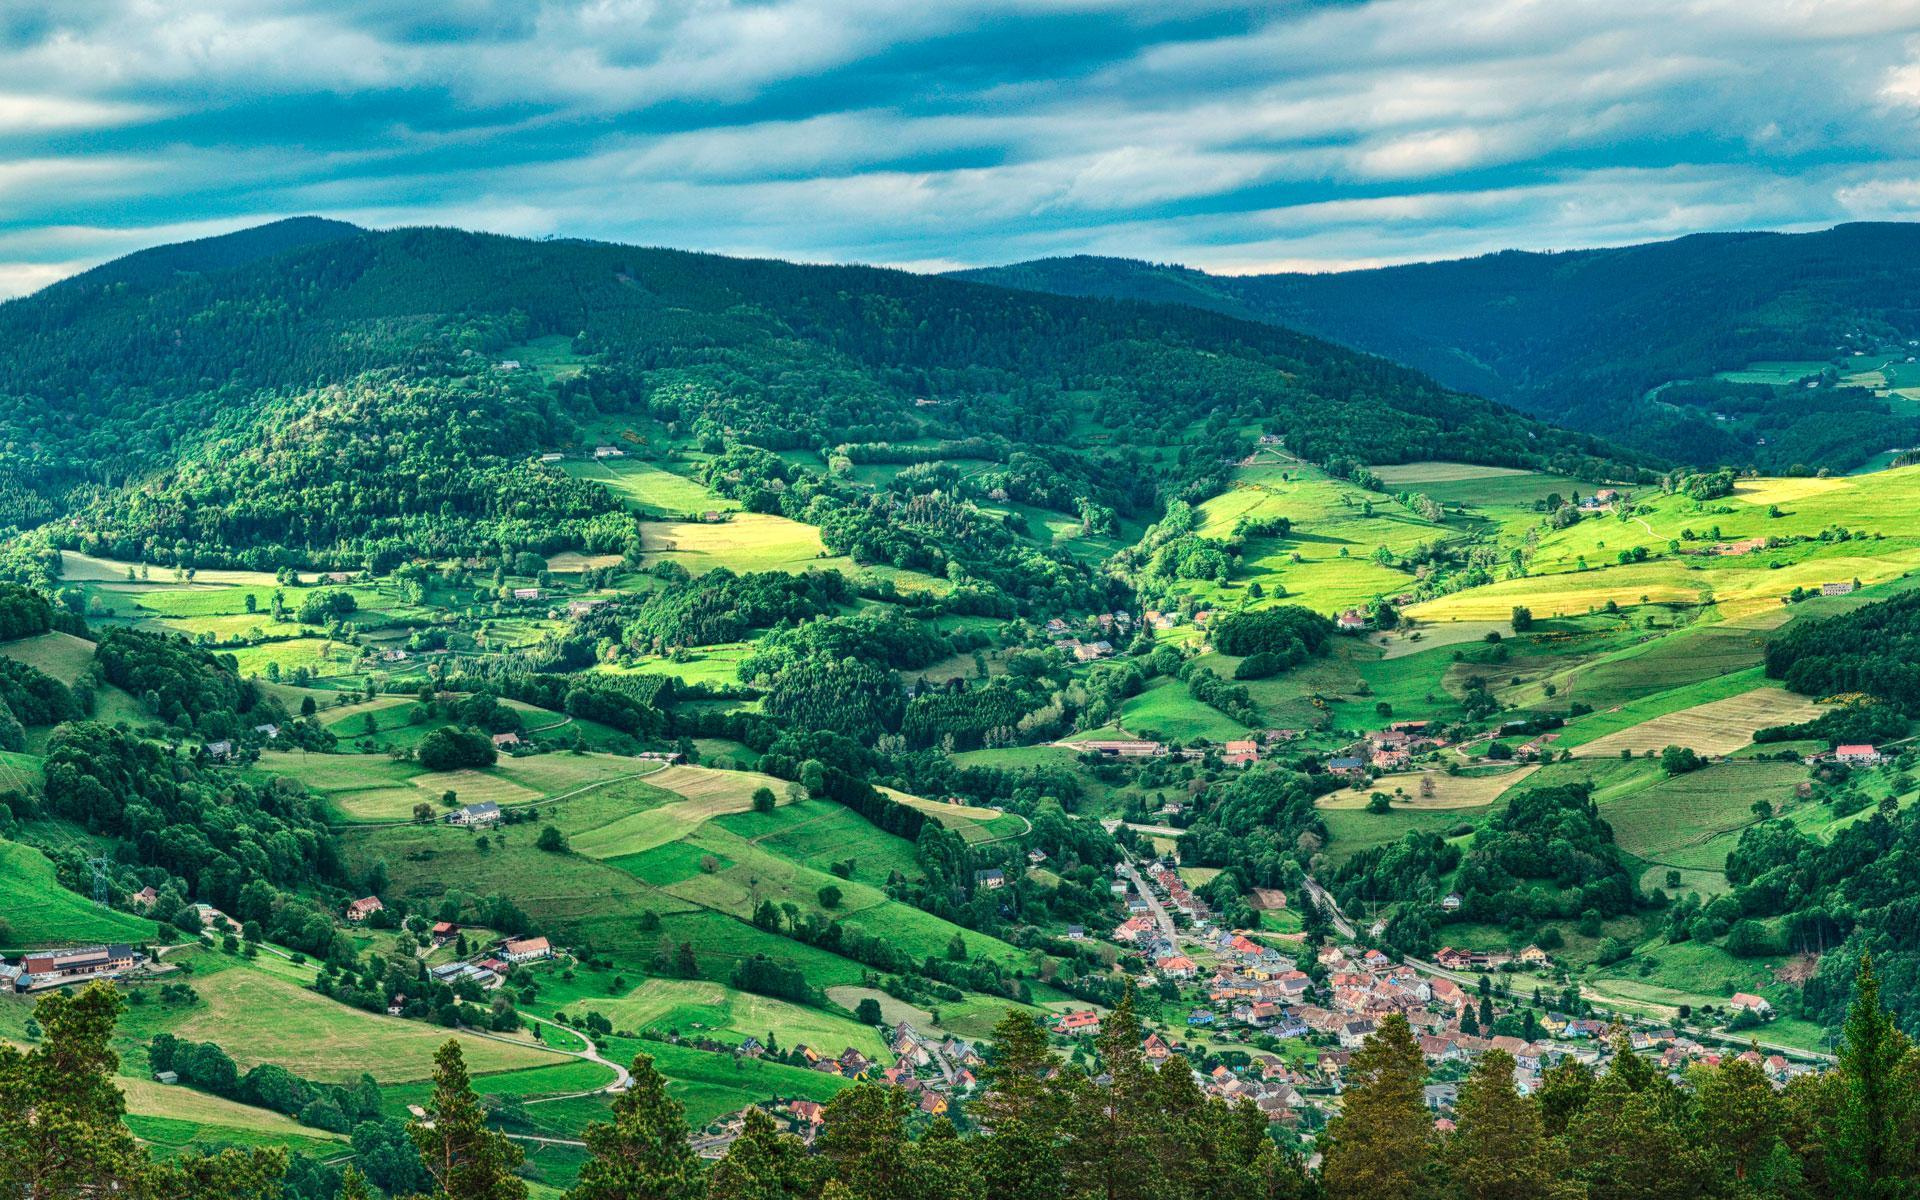 Photographie panoramique de la vallée verdoyante de Munster, au coeur des Vosges.